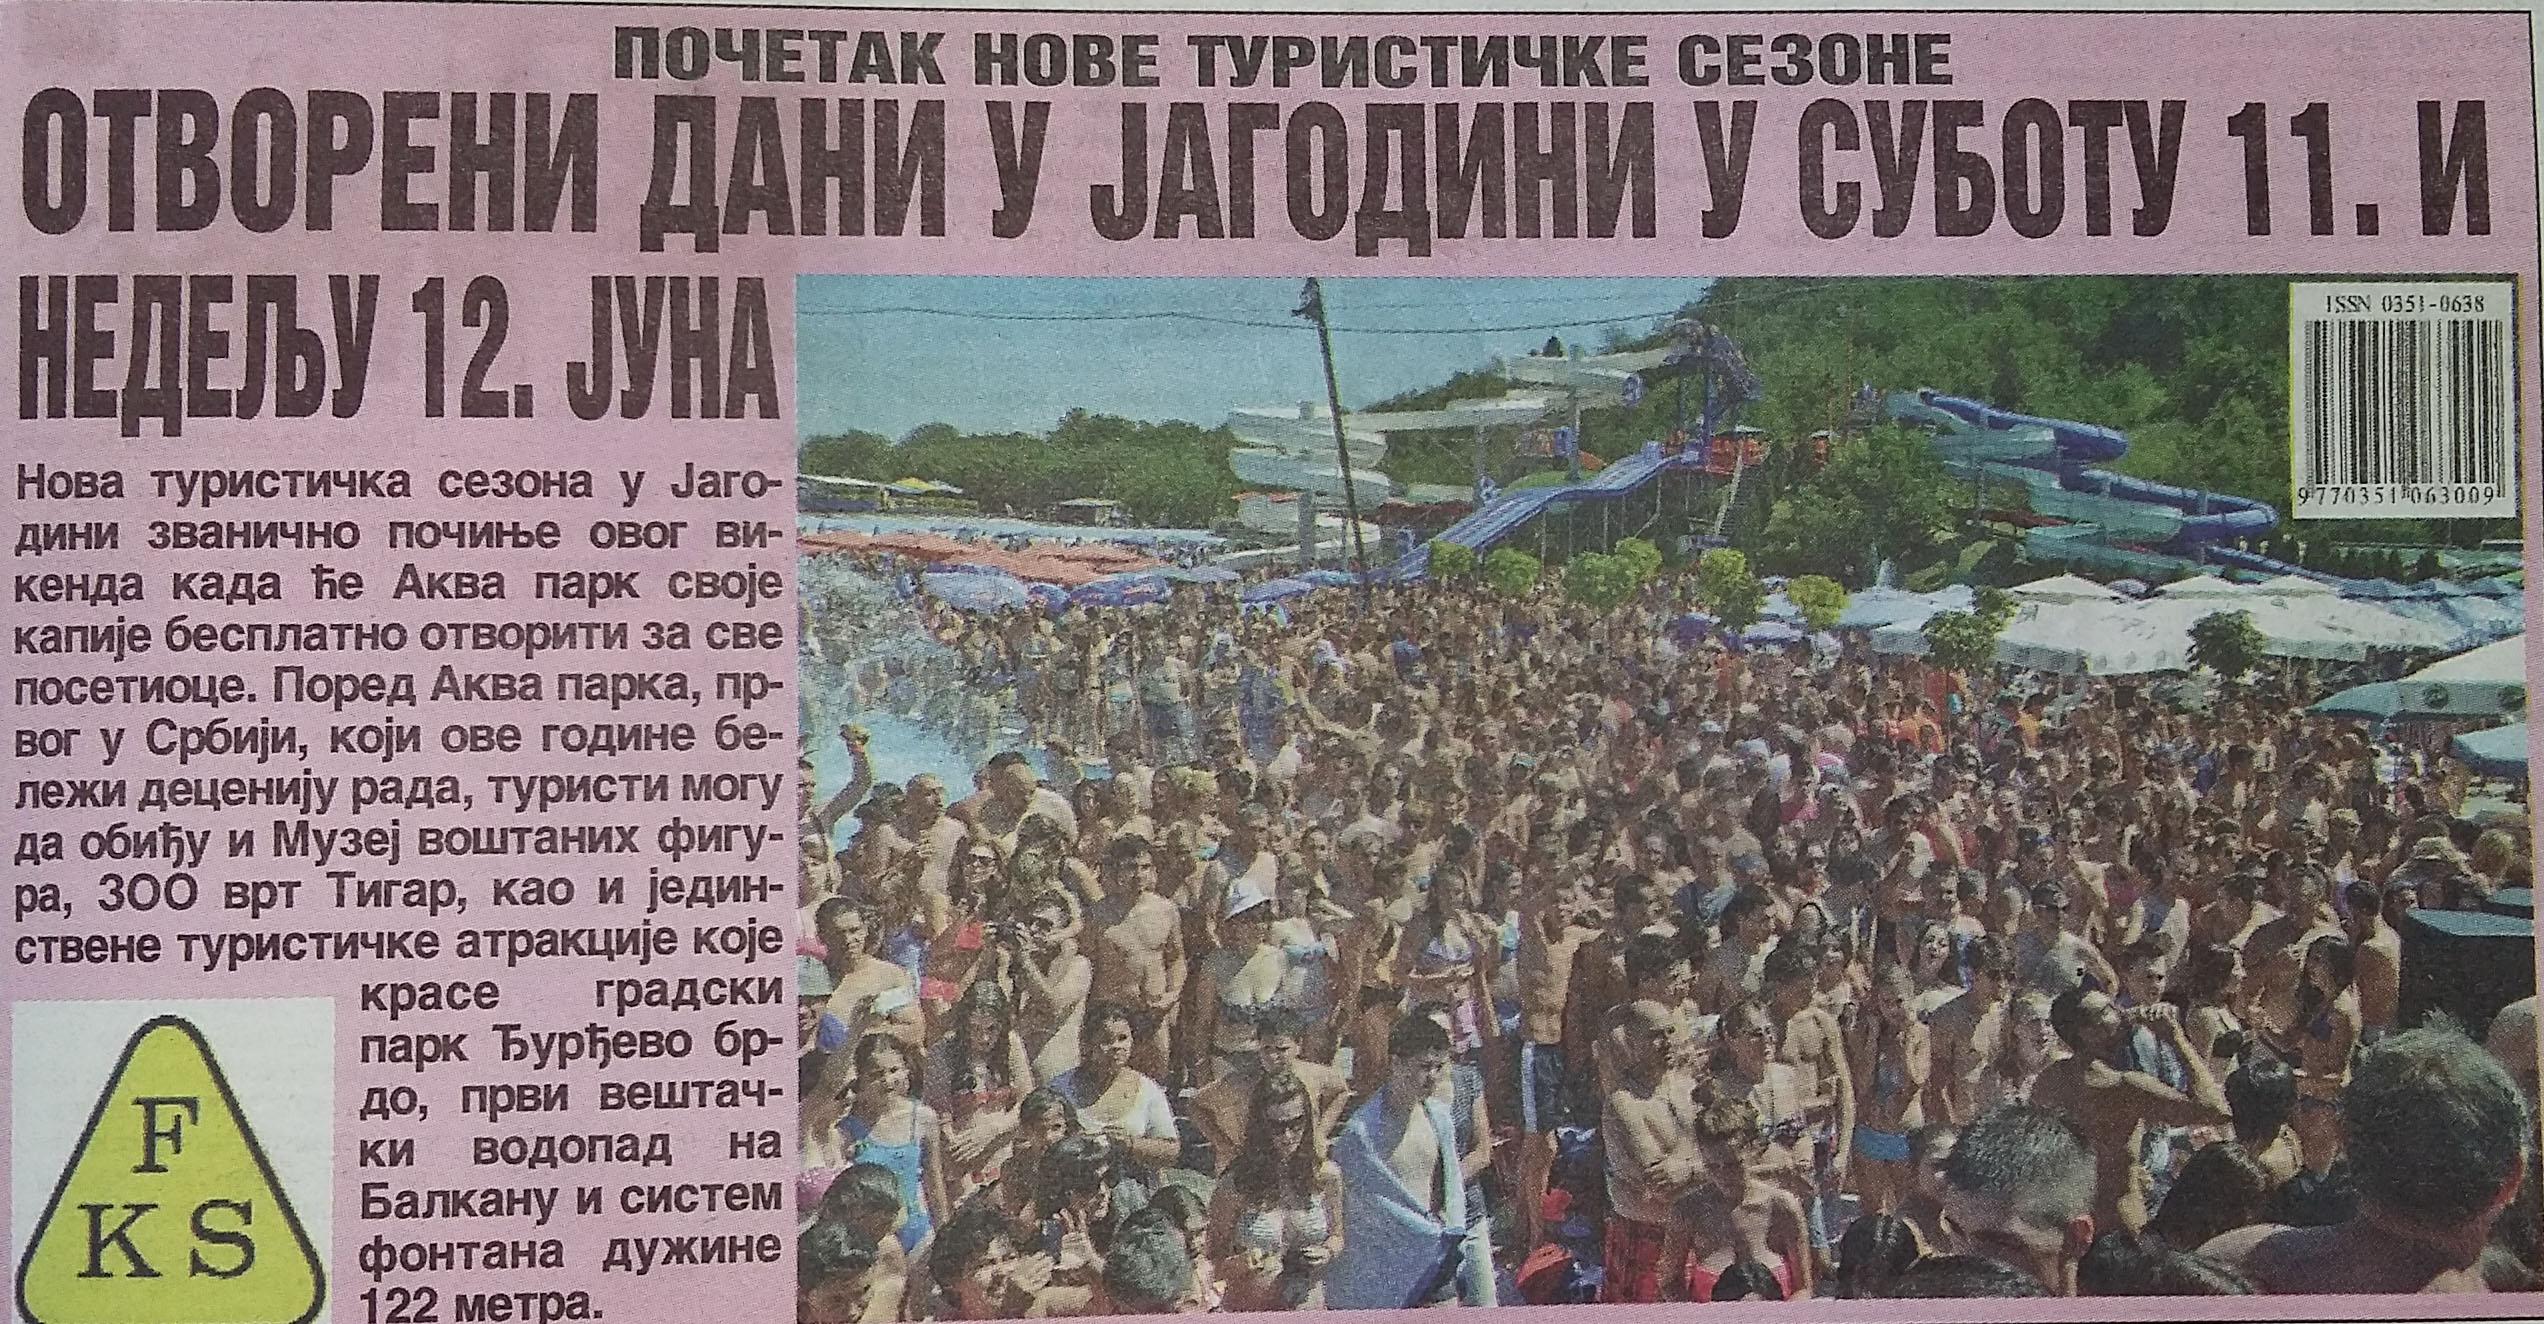 Otvaranje nove seyone u Aqua Parku u Jagodini. DOBRODOŠLI U JAGODINU!!!